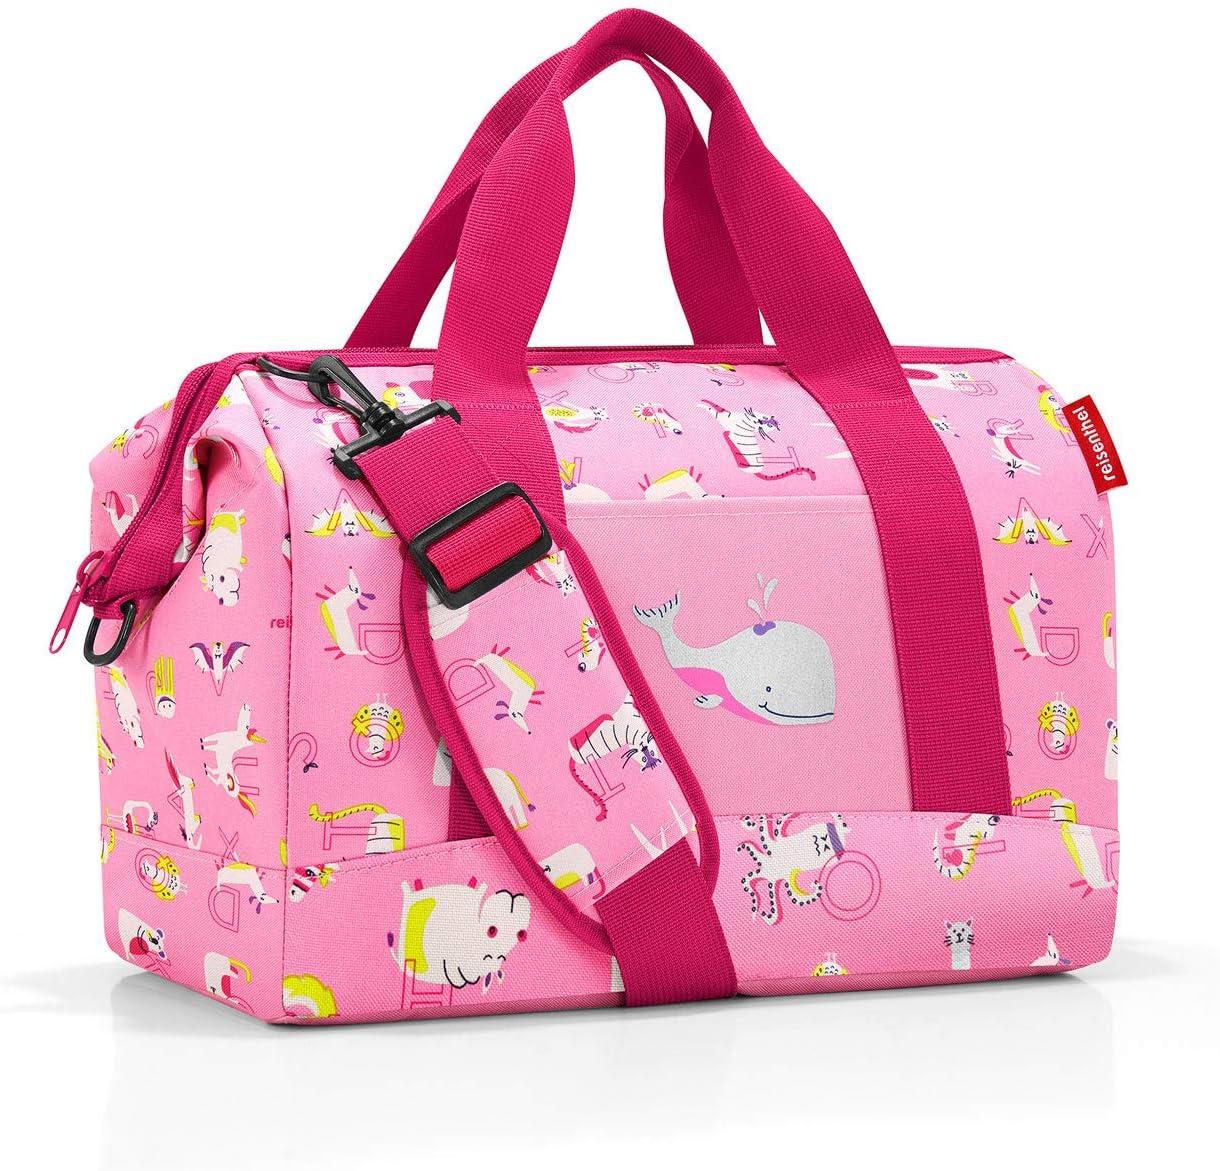 abc friends pink reisenthel allrounder M kids Tasche 40 x 33,5 x 24 cm//18 l